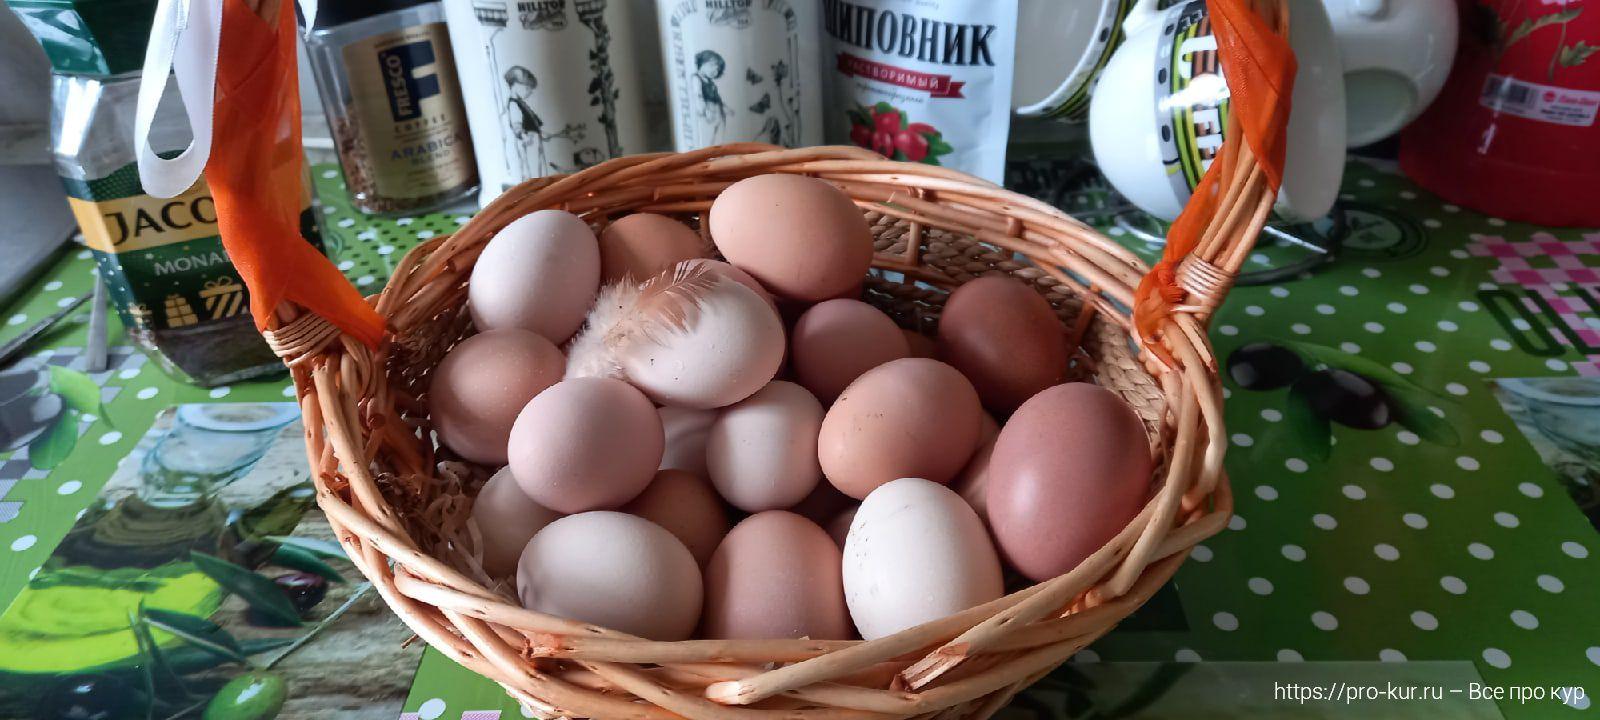 Яйца для инкубации.